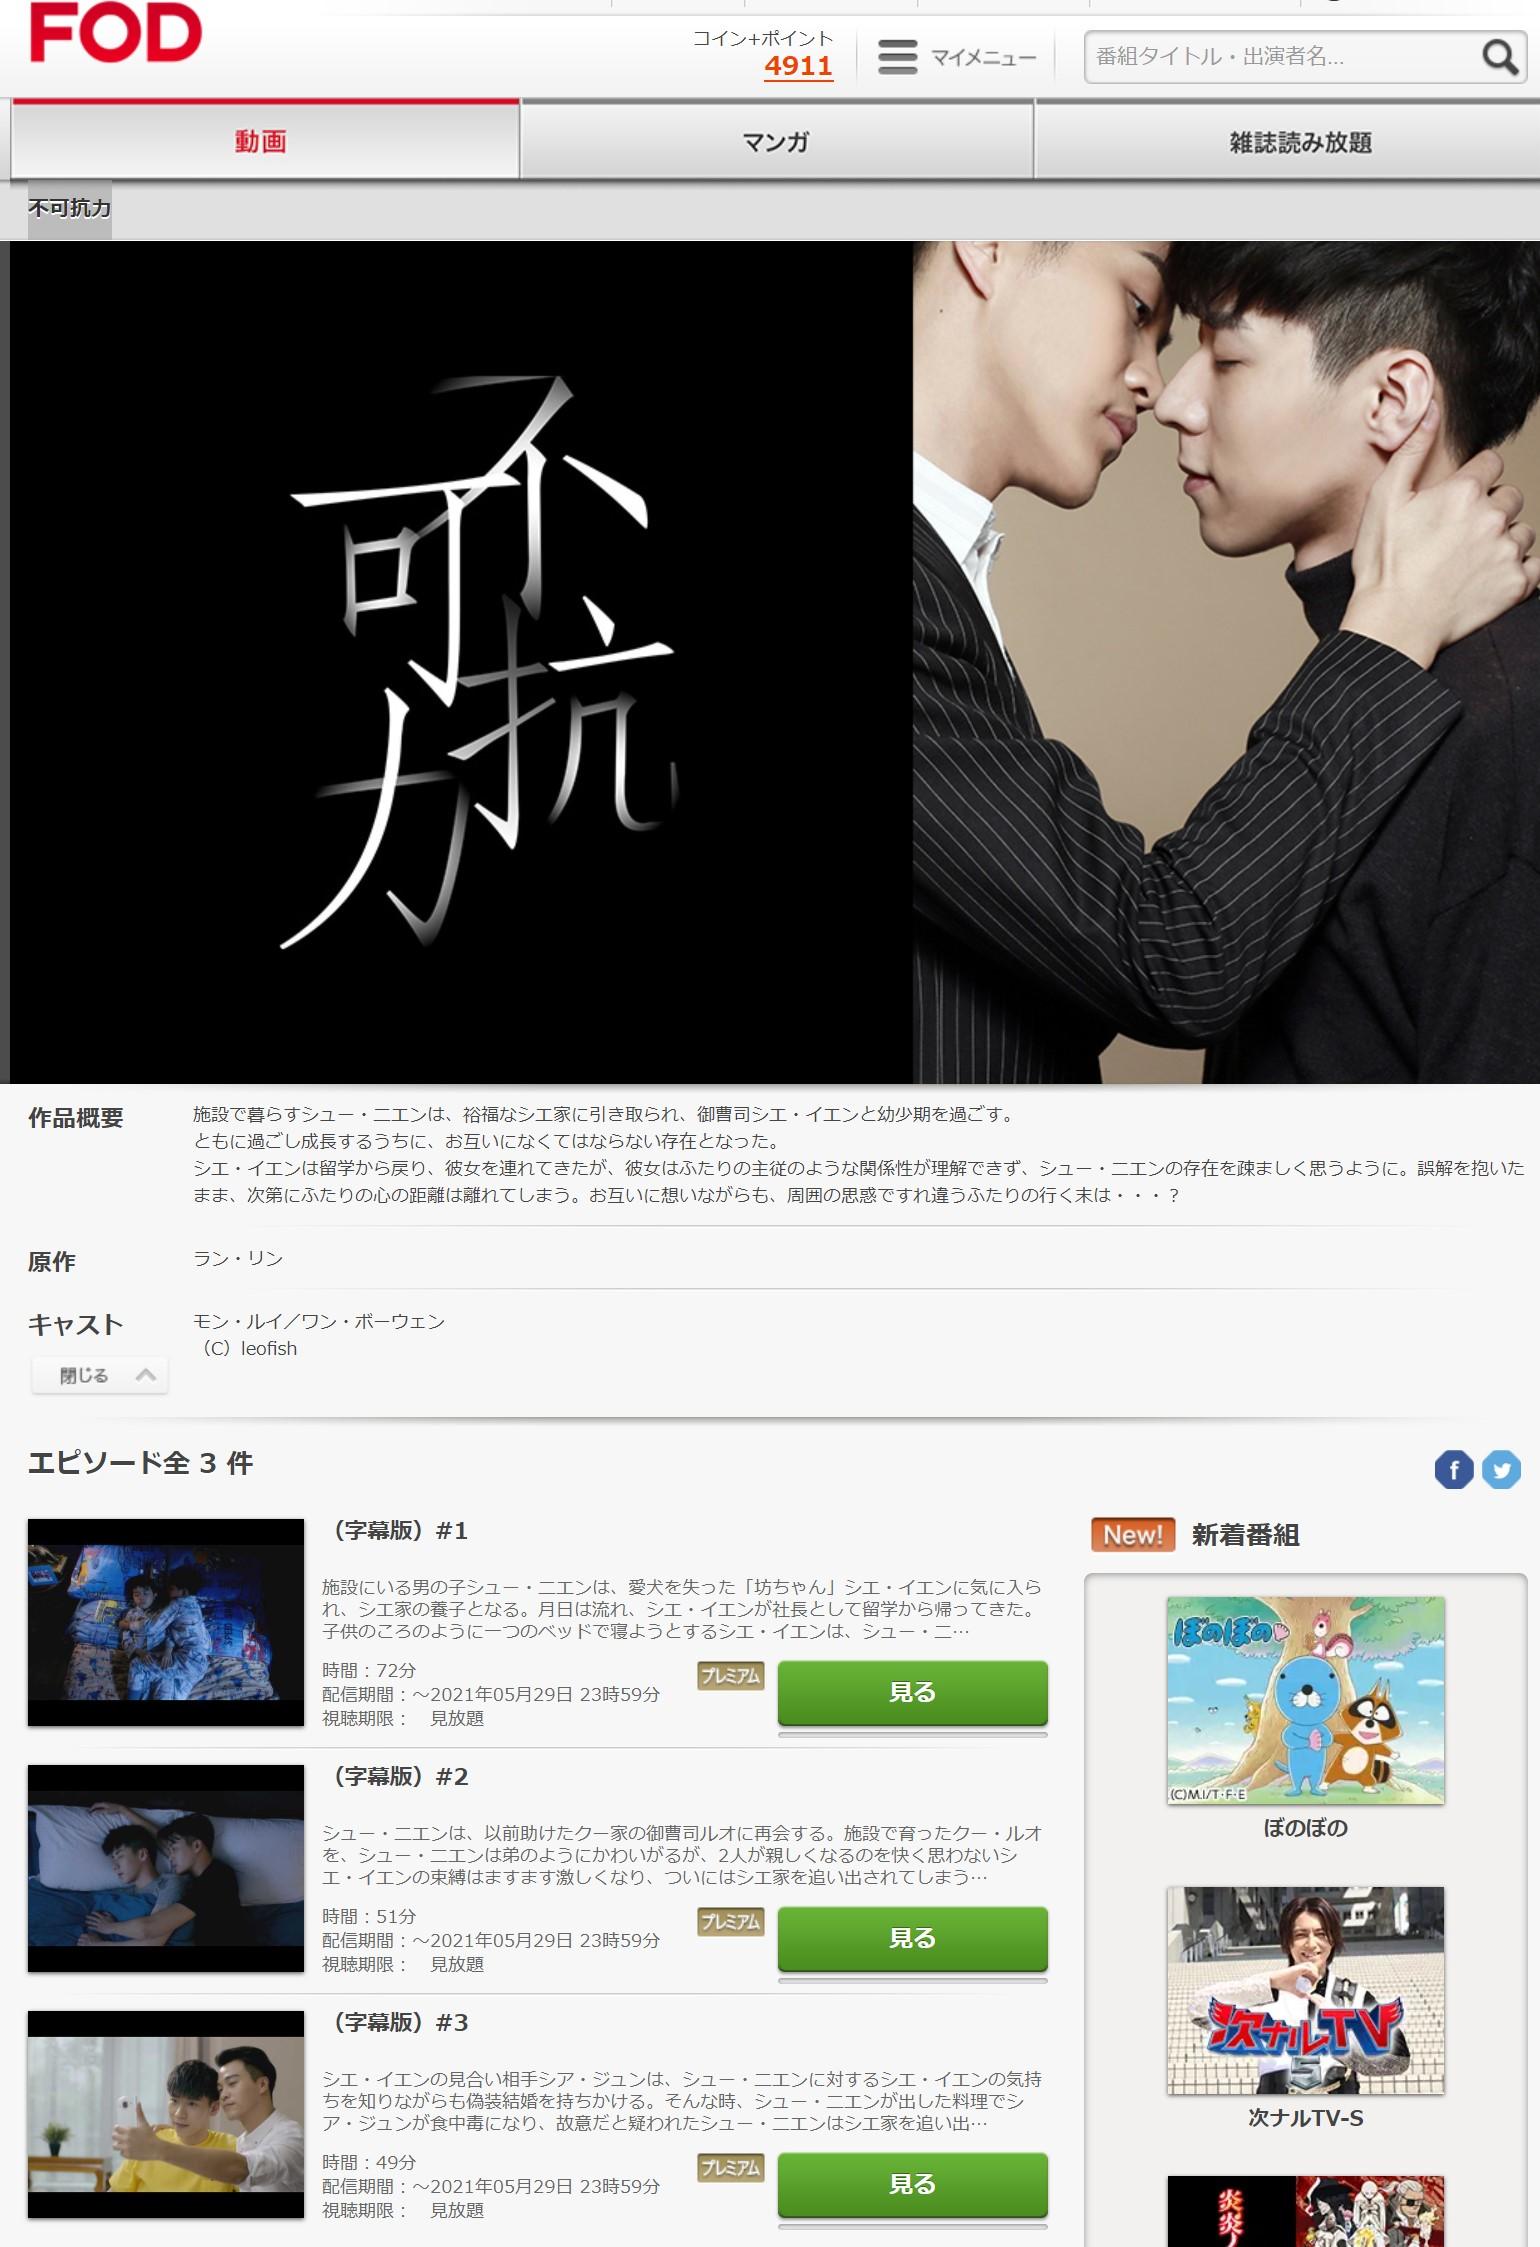 不可抗力(中国BLドラマ)の動画無料視聴方法FOD